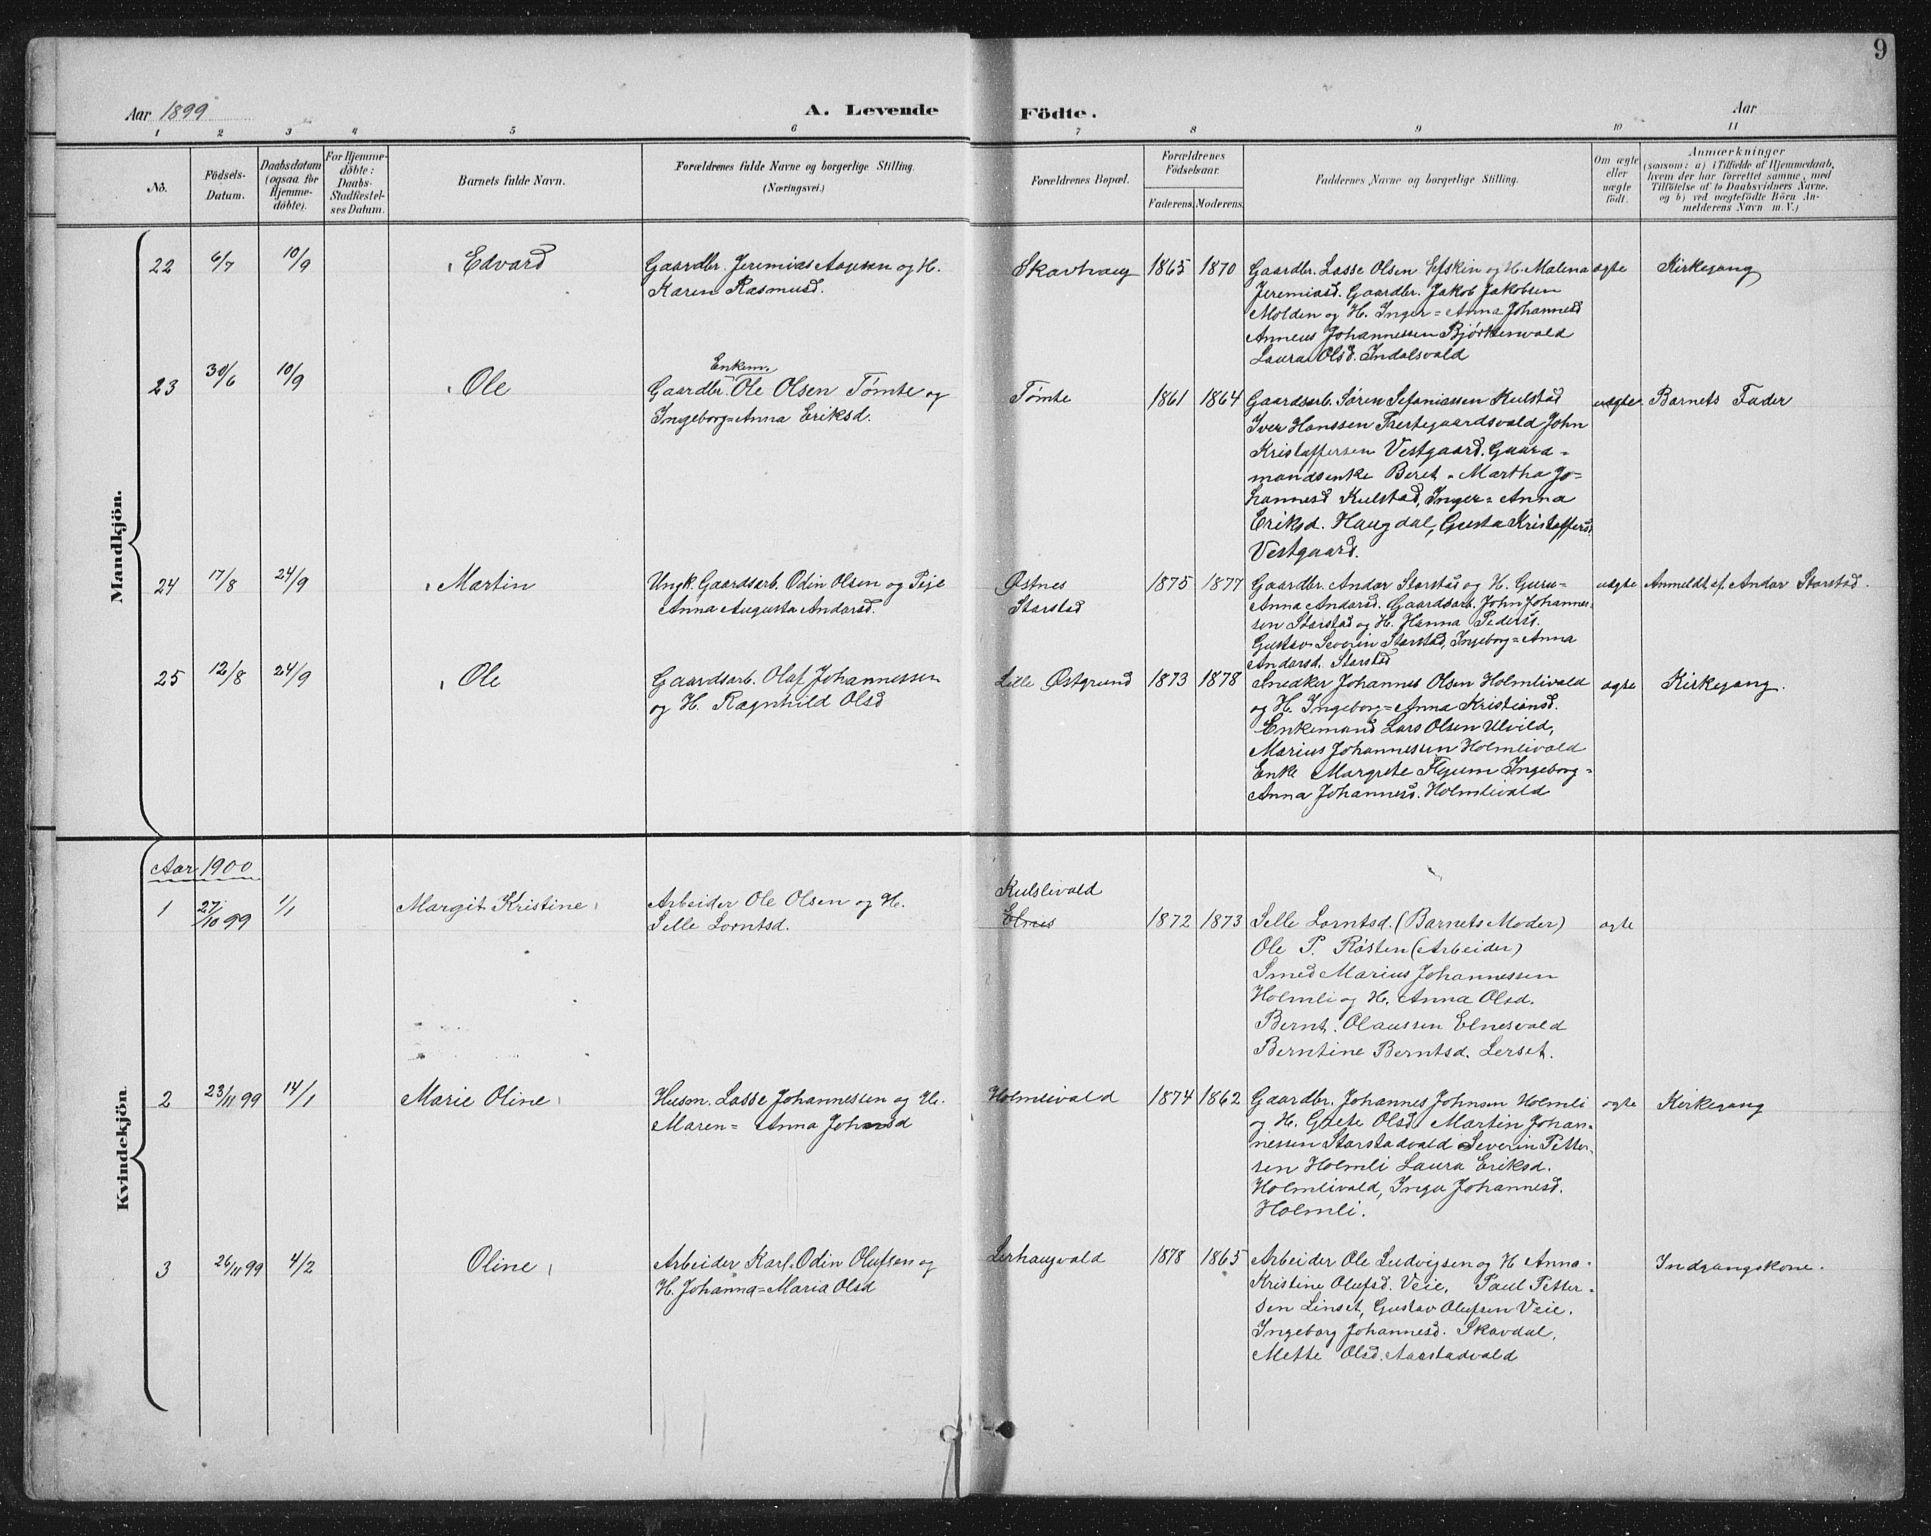 SAT, Ministerialprotokoller, klokkerbøker og fødselsregistre - Nord-Trøndelag, 724/L0269: Klokkerbok nr. 724C05, 1899-1920, s. 9